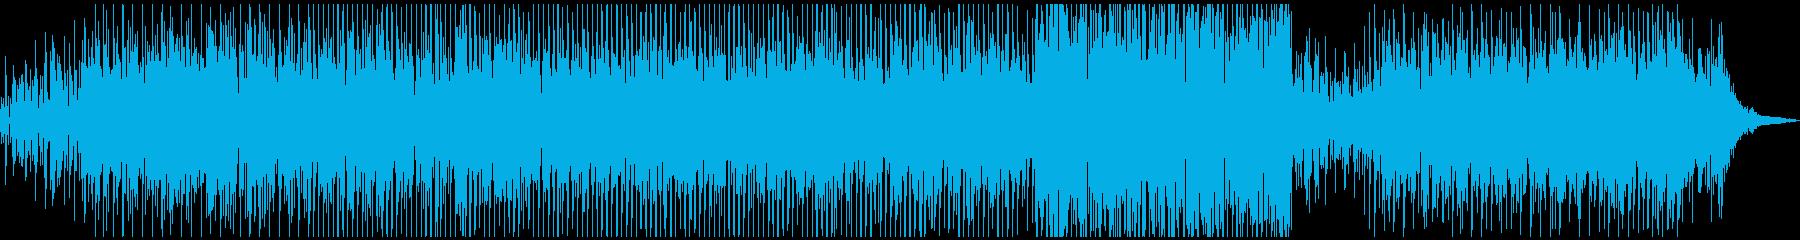 サラサラ ジャズ ラテン ポップ ...の再生済みの波形